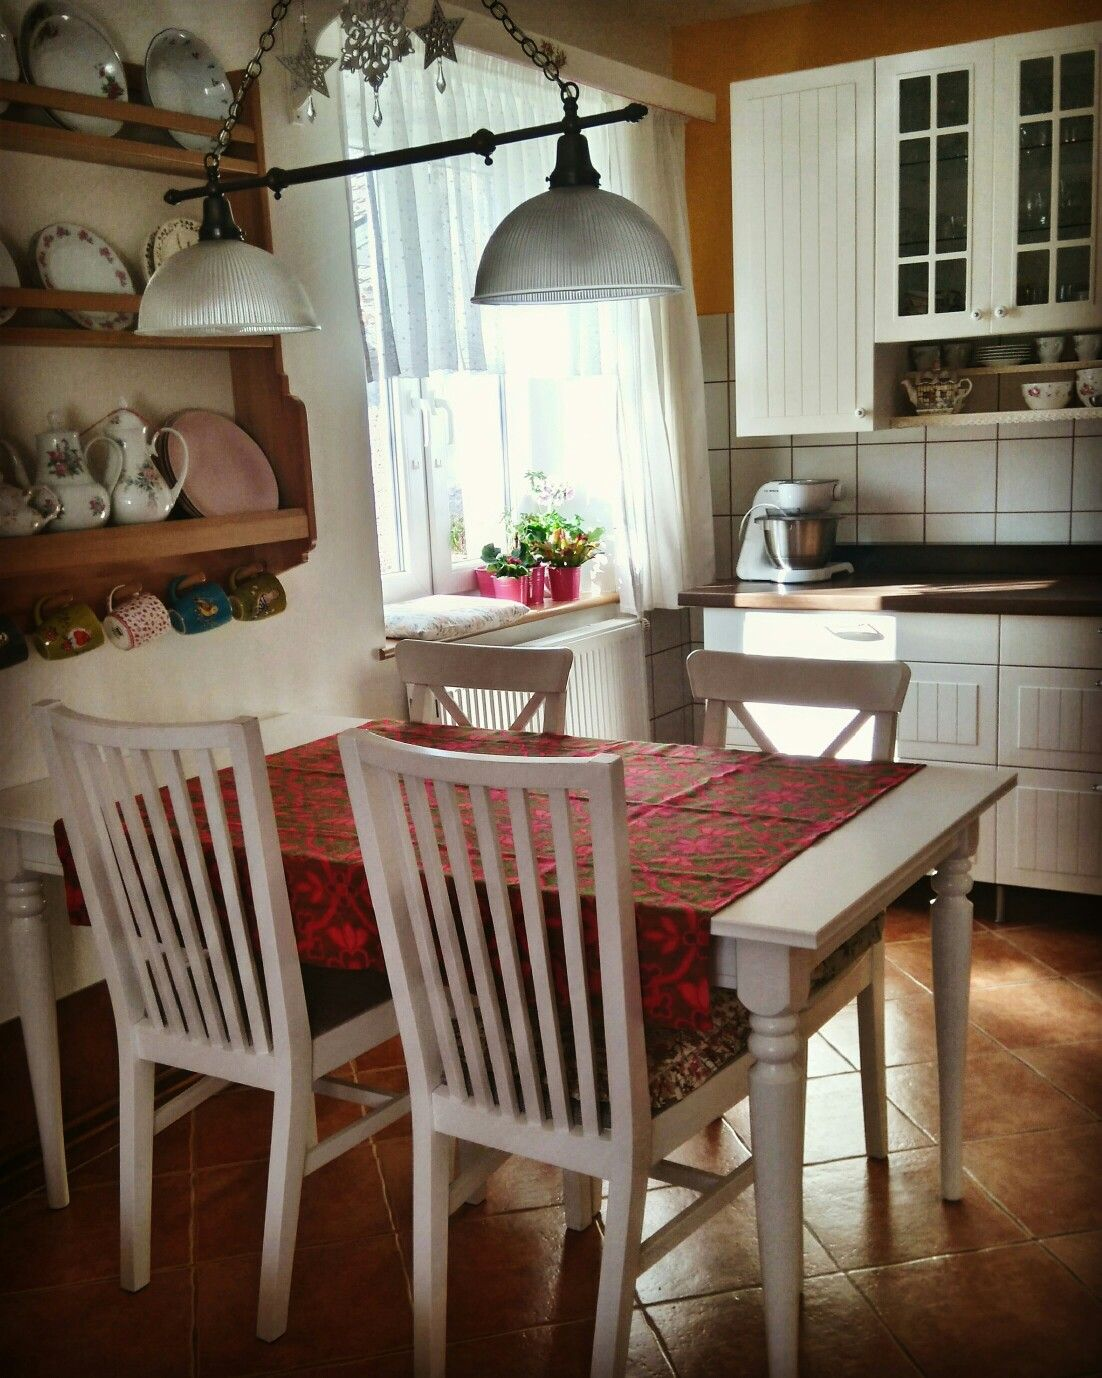 Dachboden über küchenideen pin von yvonne fitzgibbon auf ideas for the house  pinterest